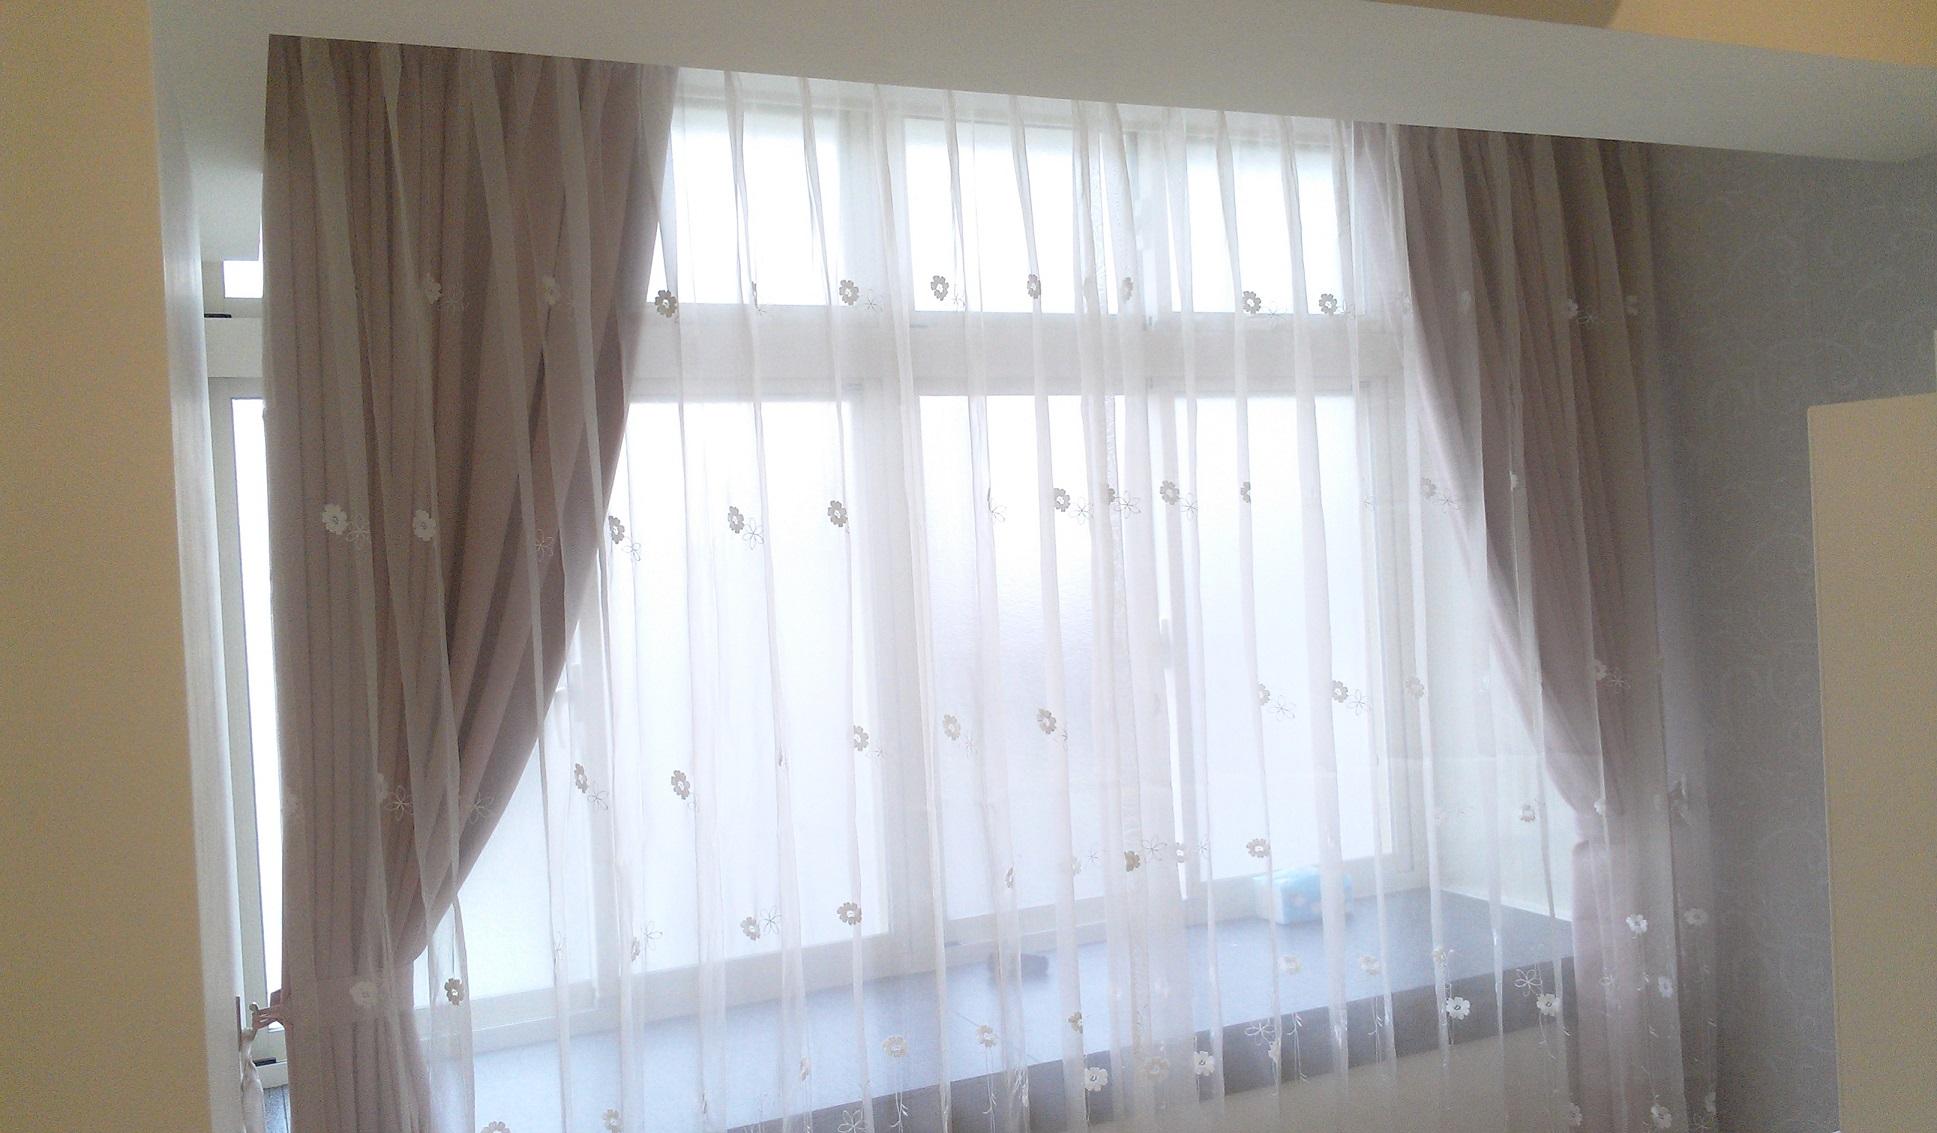 粉色遮光窗帘布搭配纯白色浪漫花朵窗纱